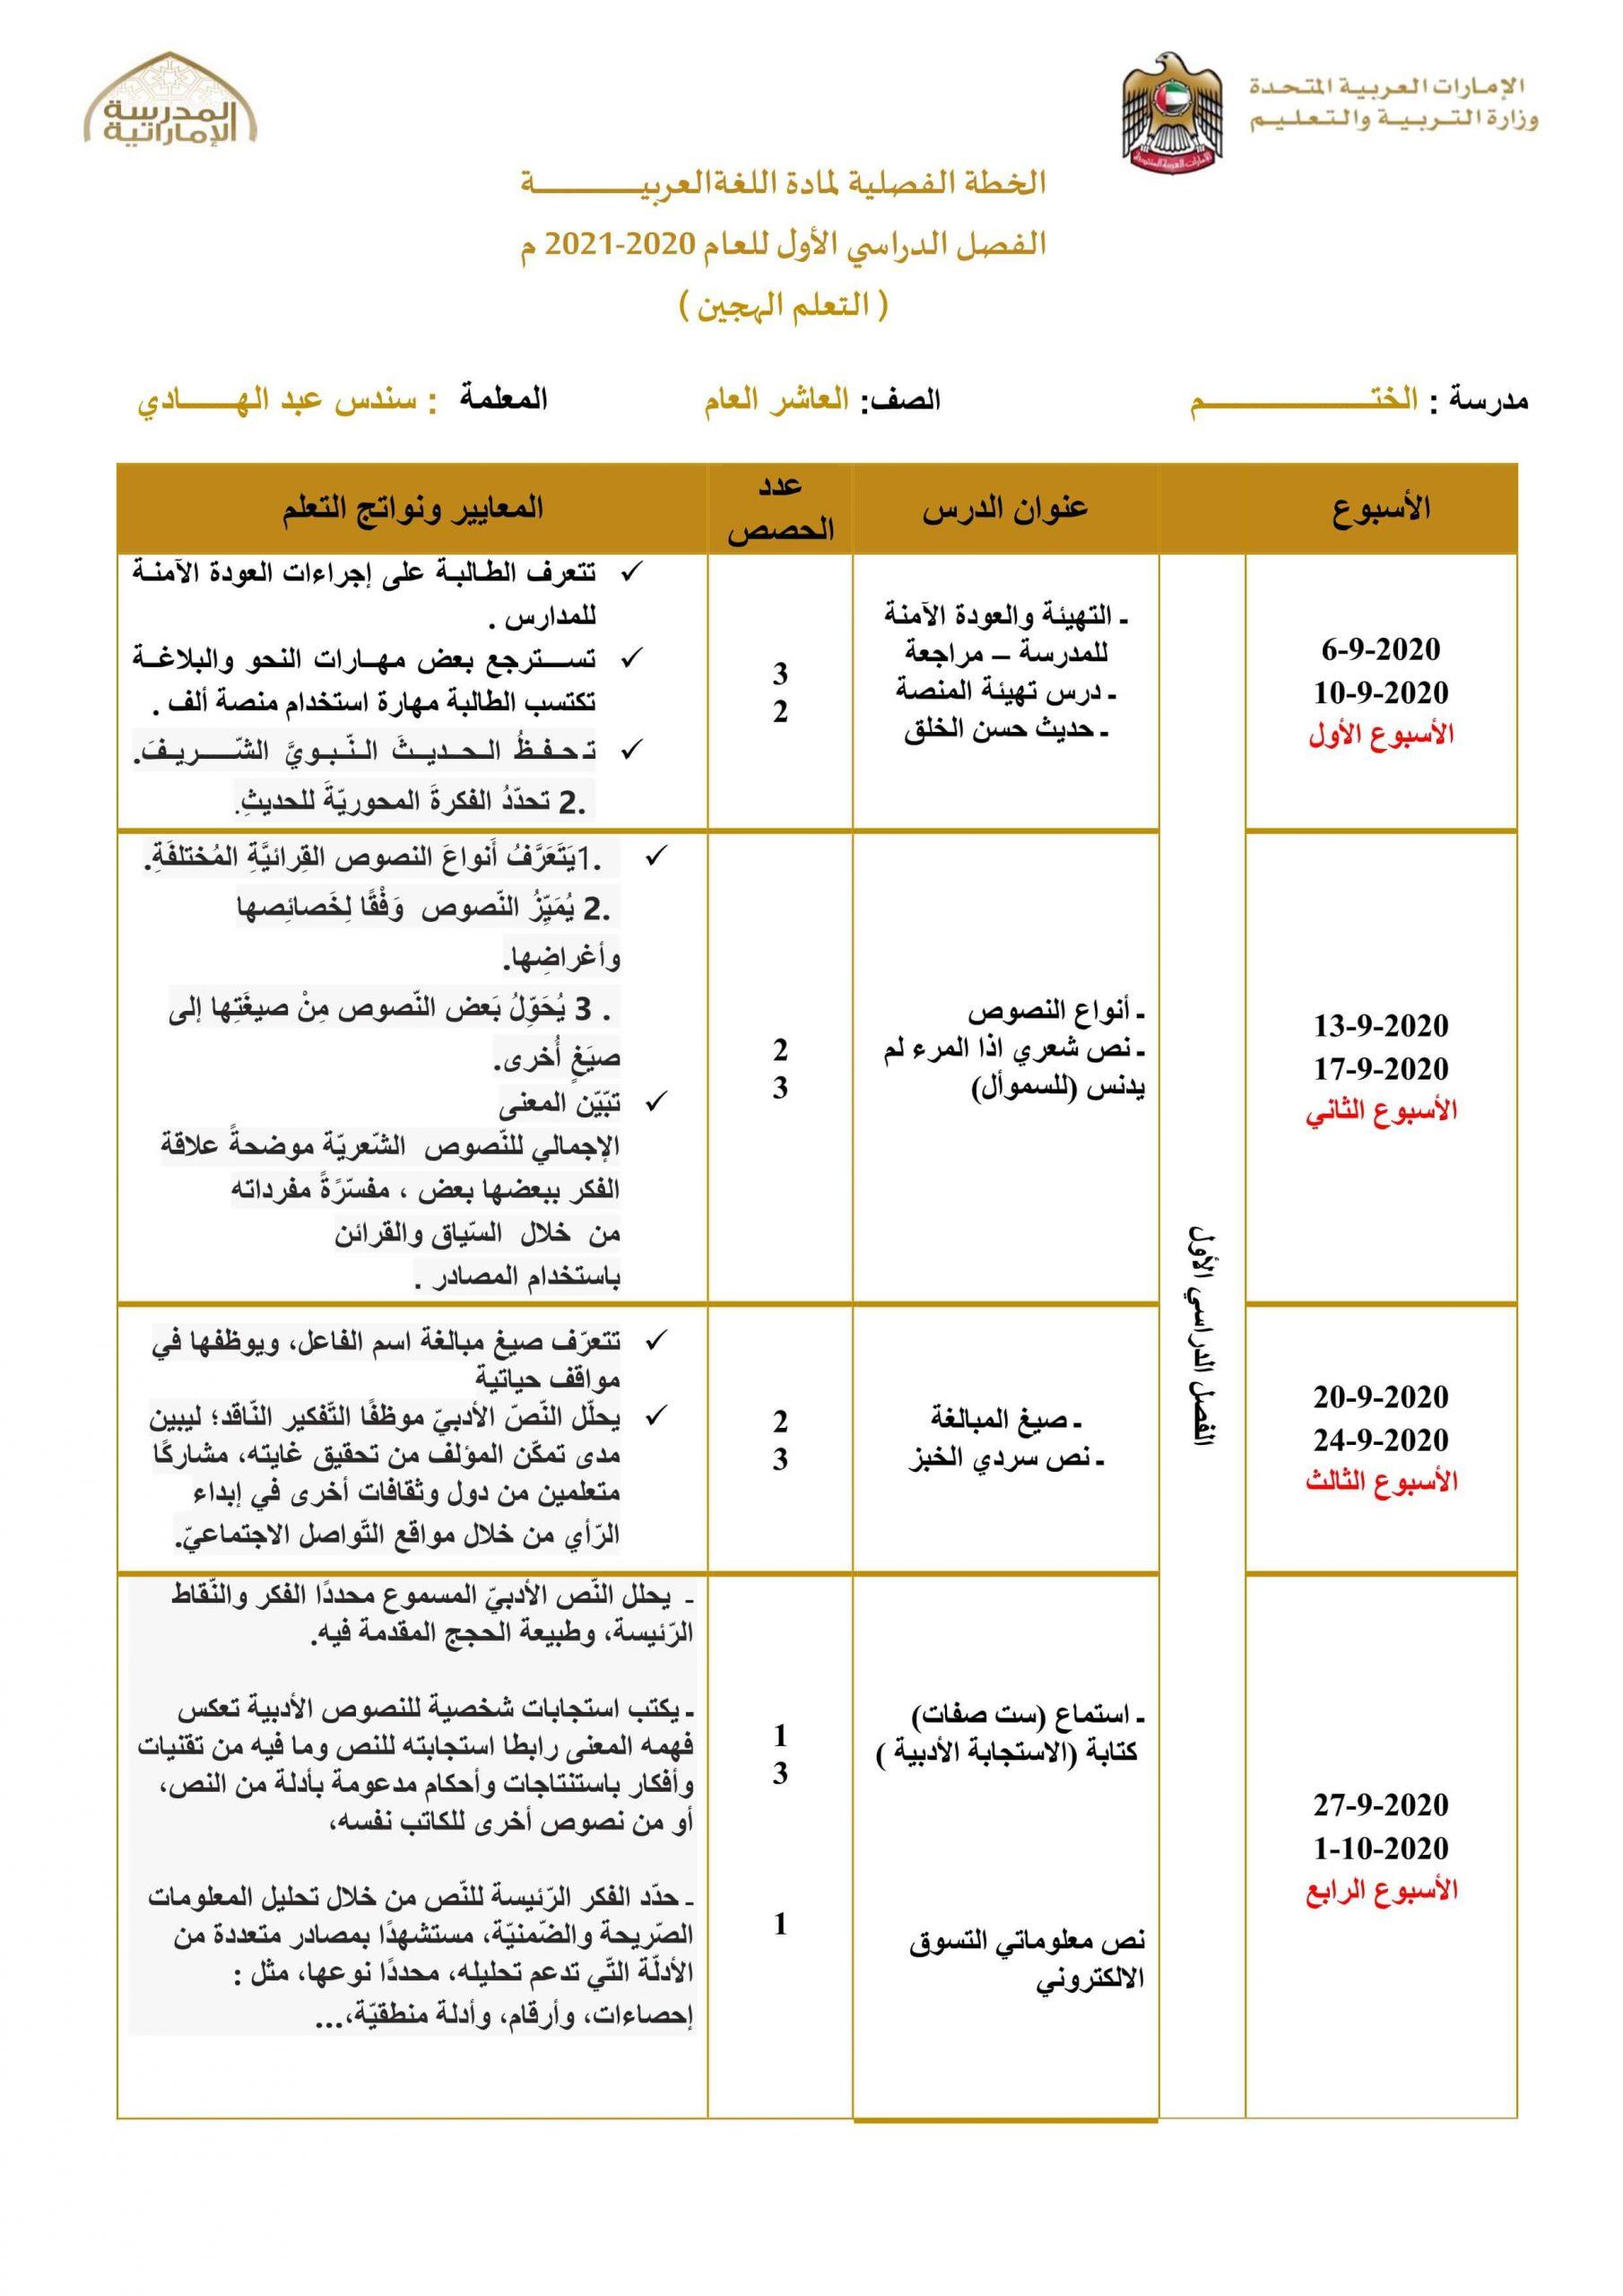 الخطة الفصلية الفصل الدراسي الاول للصف العاشر مادة اللغة العربية